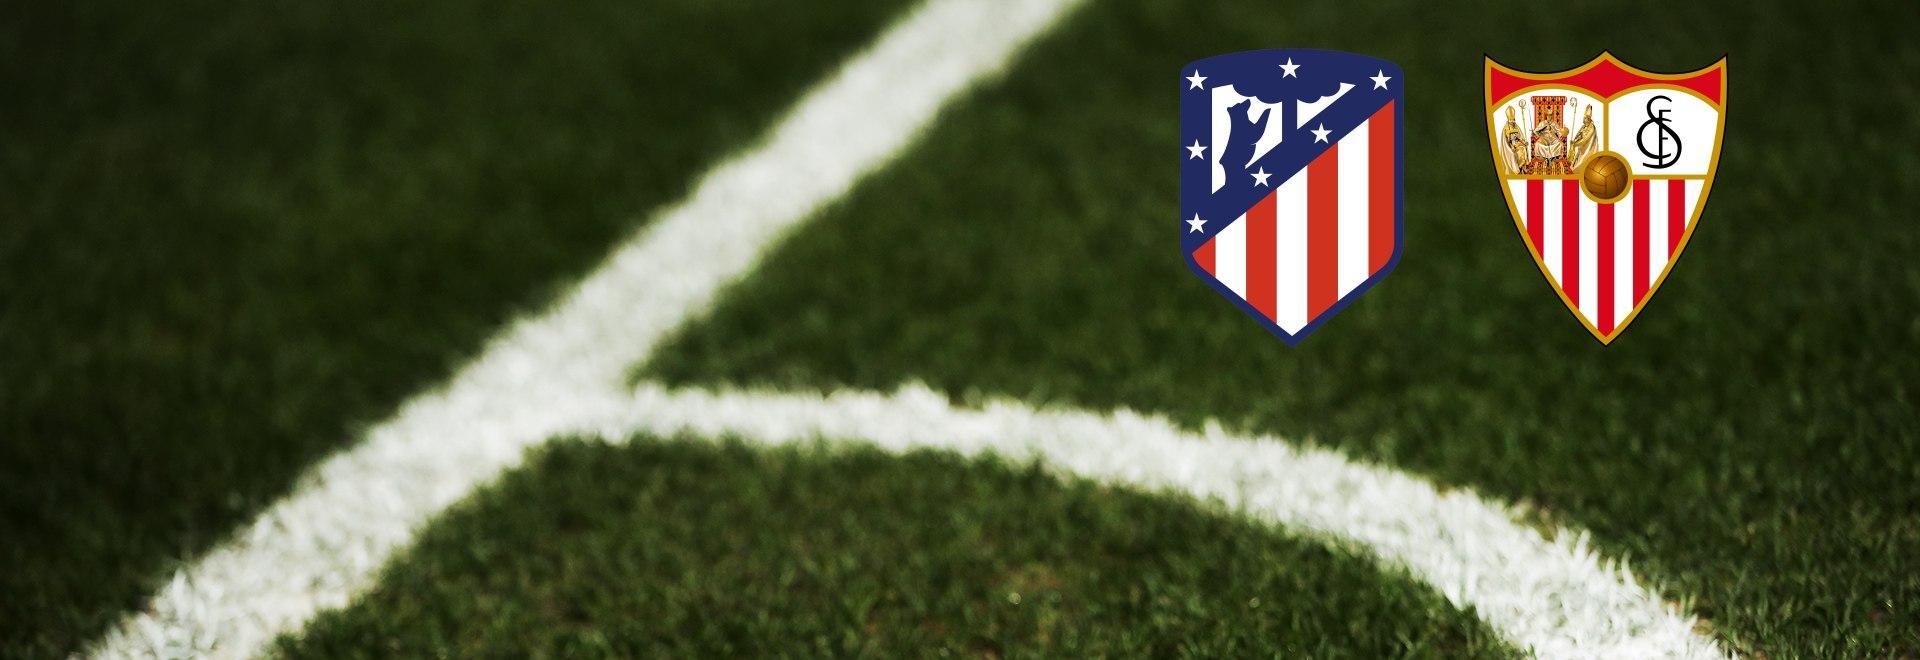 Atletico M. - Siviglia. 27a g.